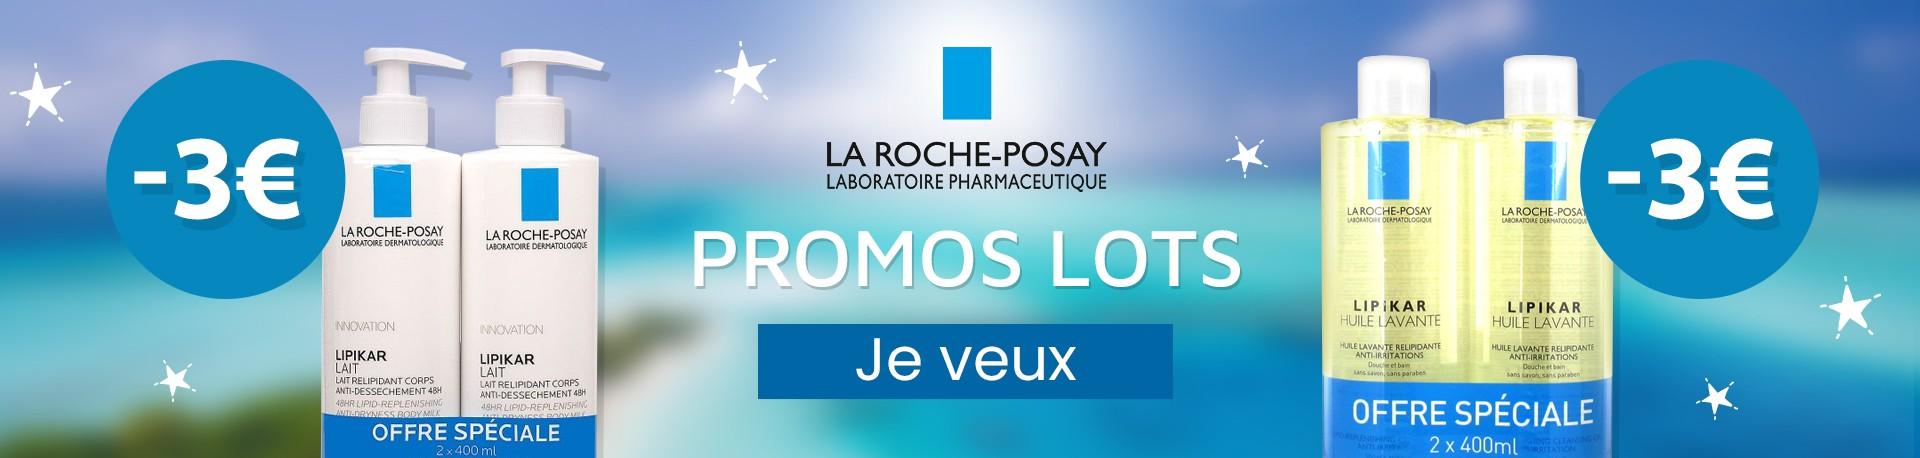 La Roche Posay janvier 2019